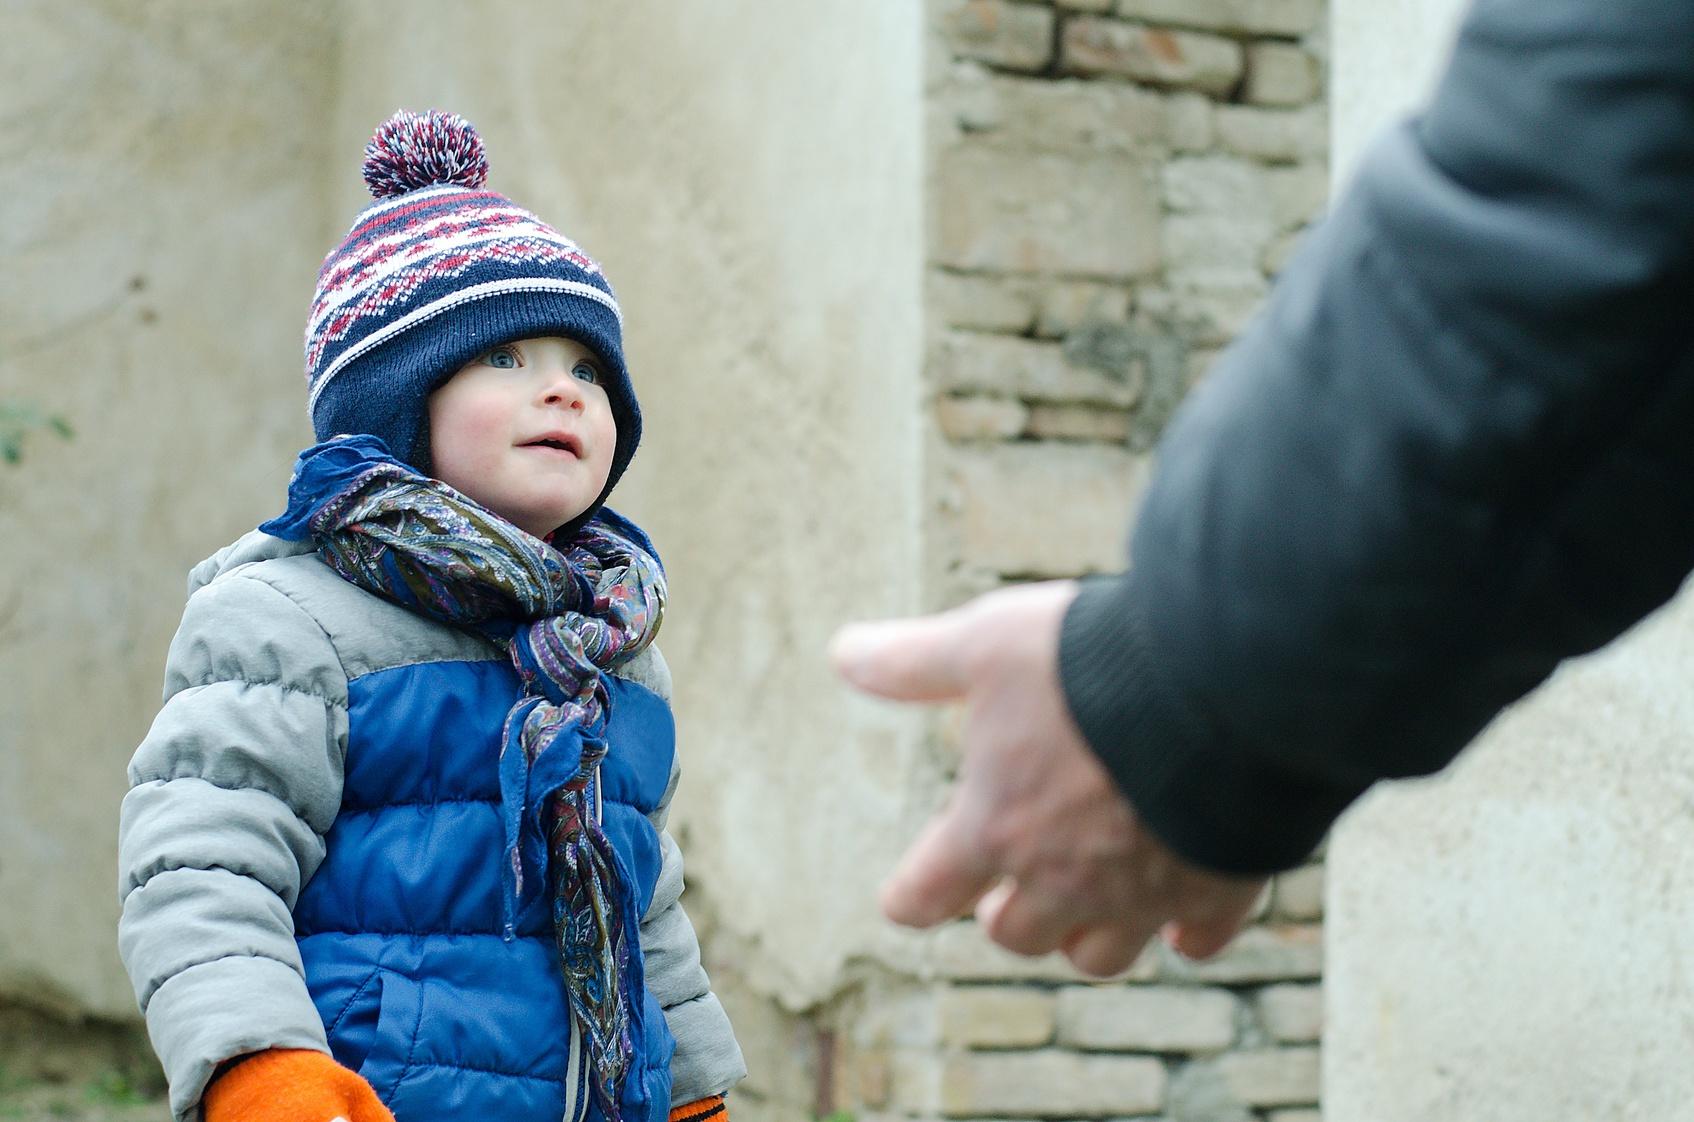 Mann rettet Kind vor Kidnapper - und wird deswegen gefeuert!